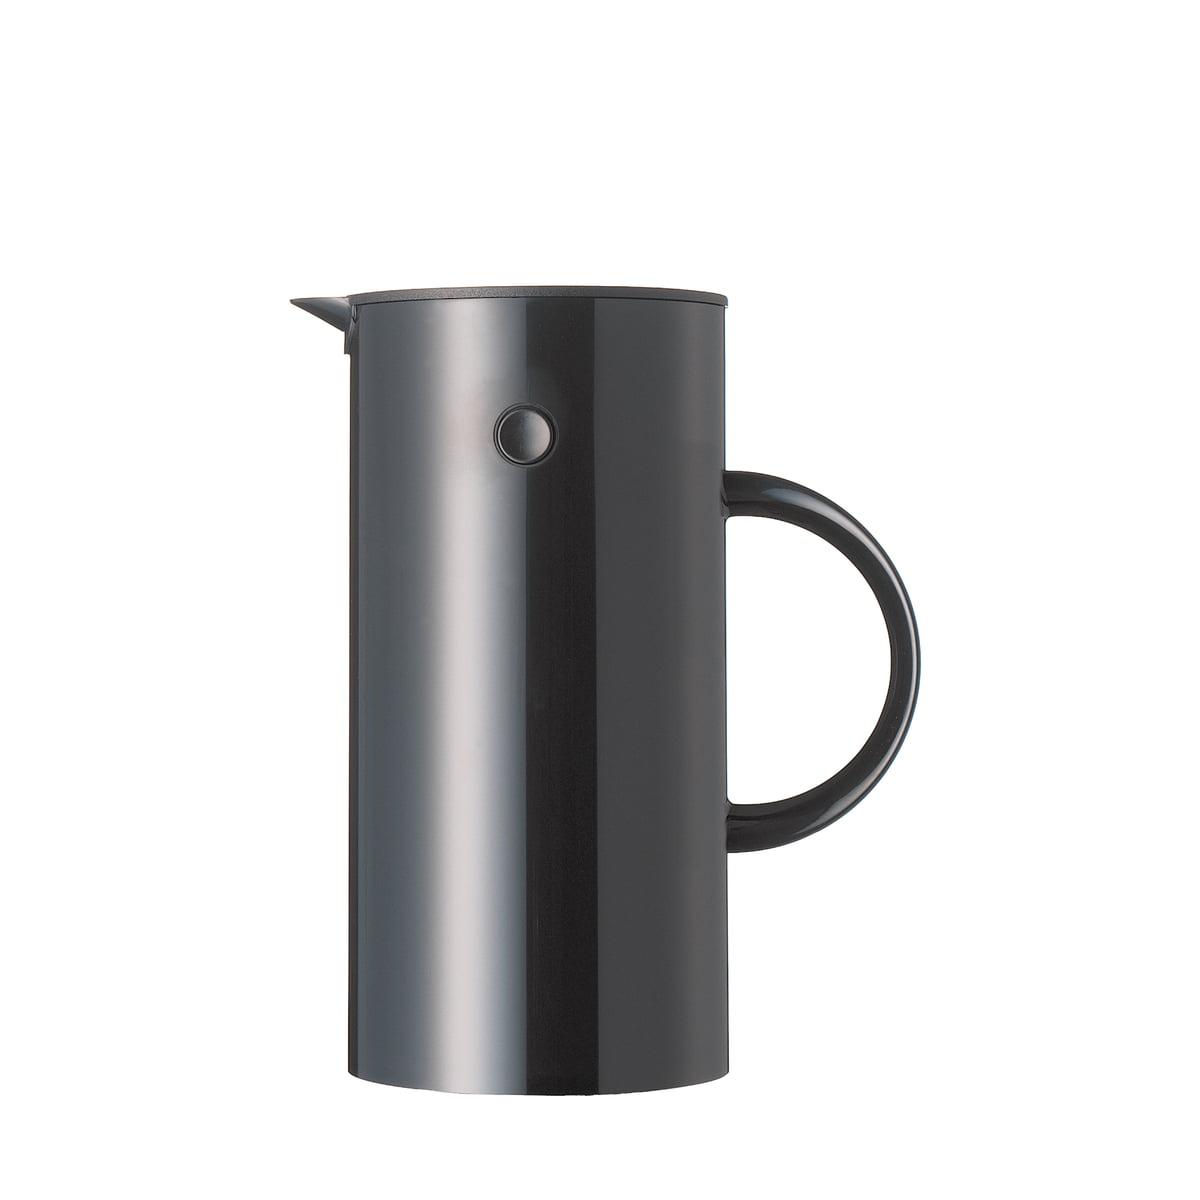 Stelton - Isolierkanne EM 77, 0,5 l, schwarz | Küche und Esszimmer > Besteck und Geschirr > Kannen und Wasserkessel | Stelton